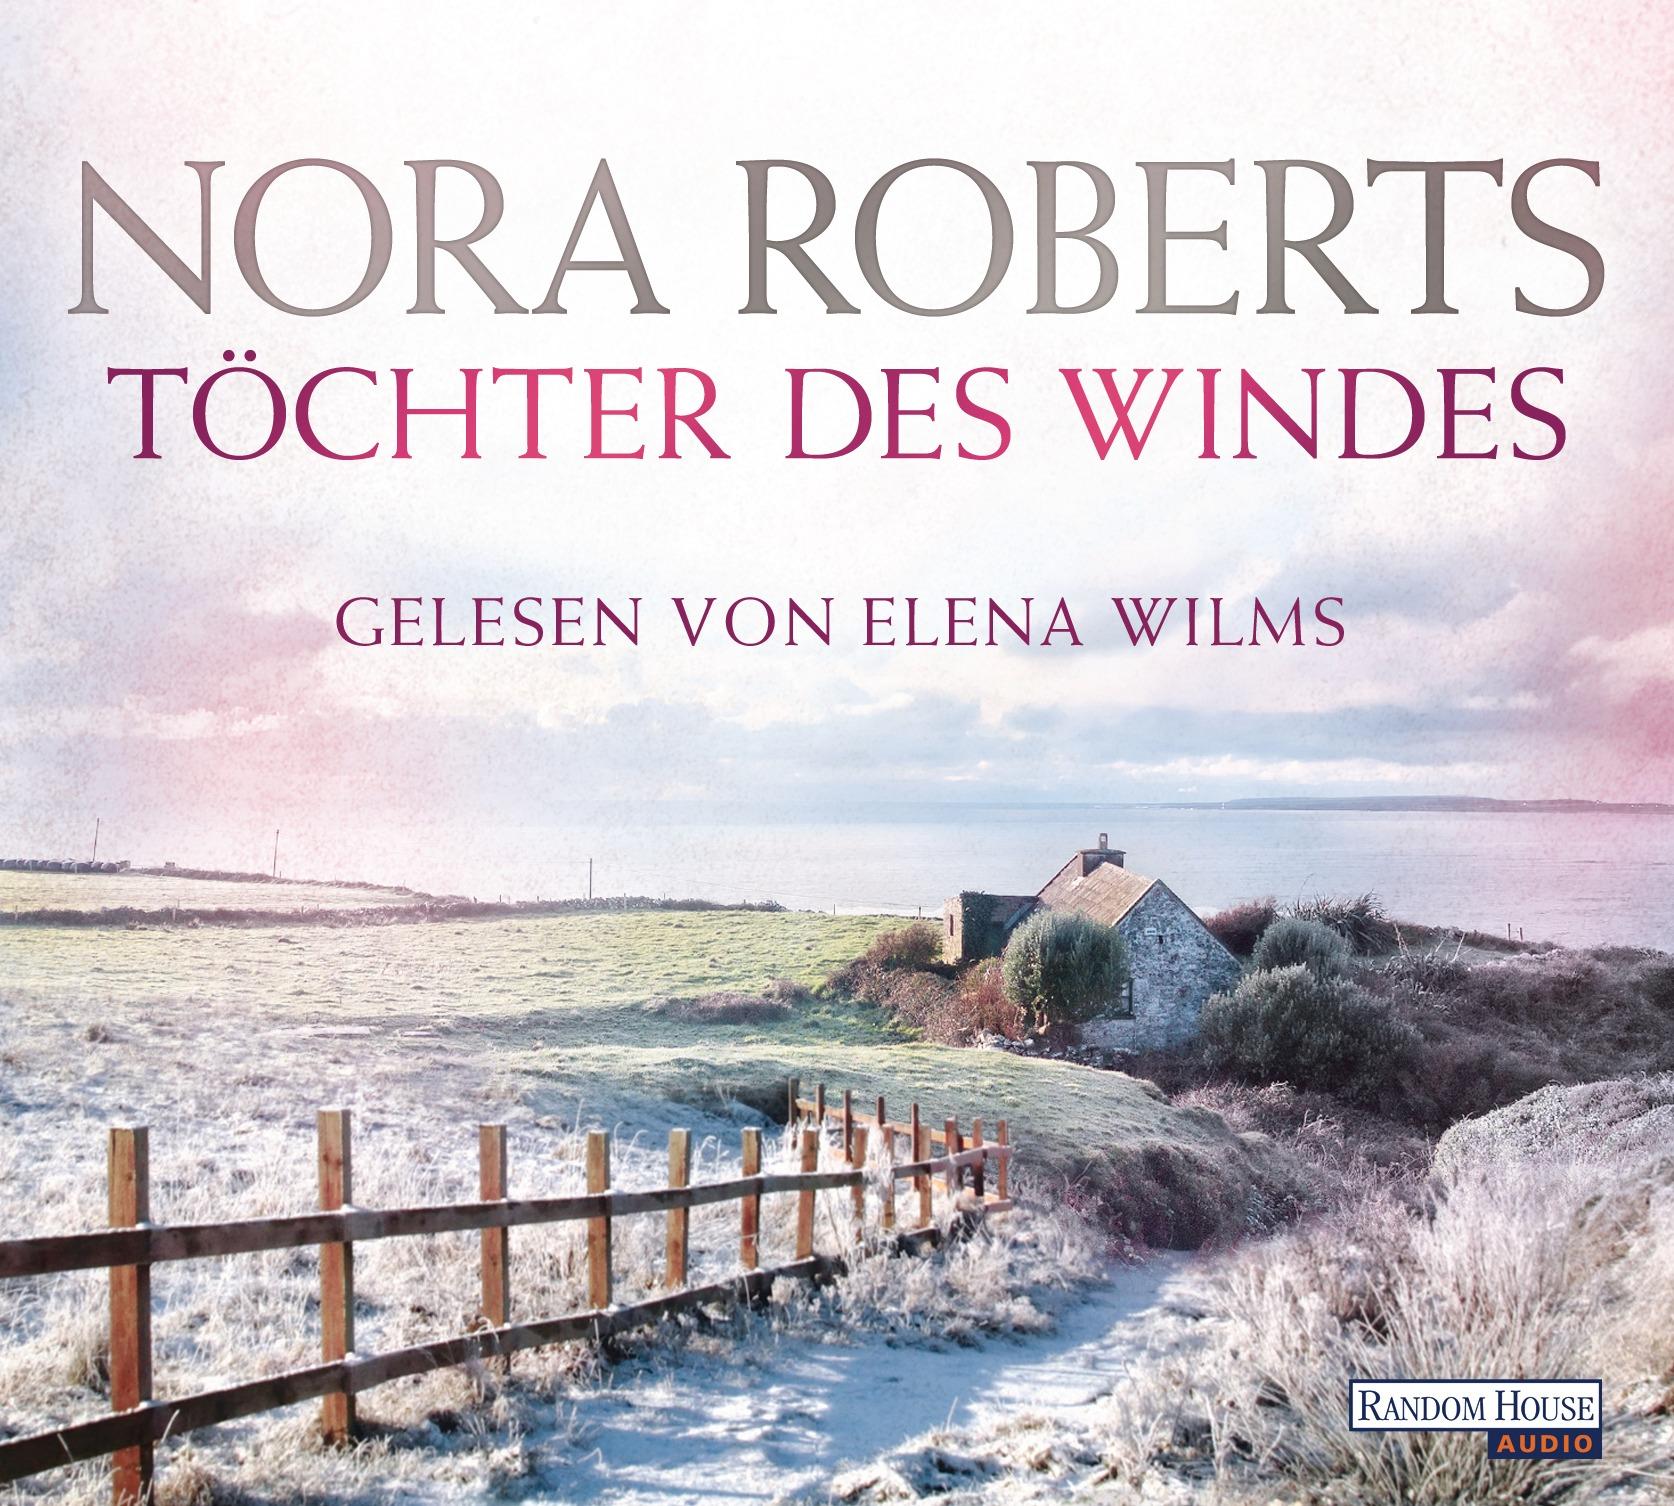 Töchter des Windes - Nora Roberts [5 Audio CDs]